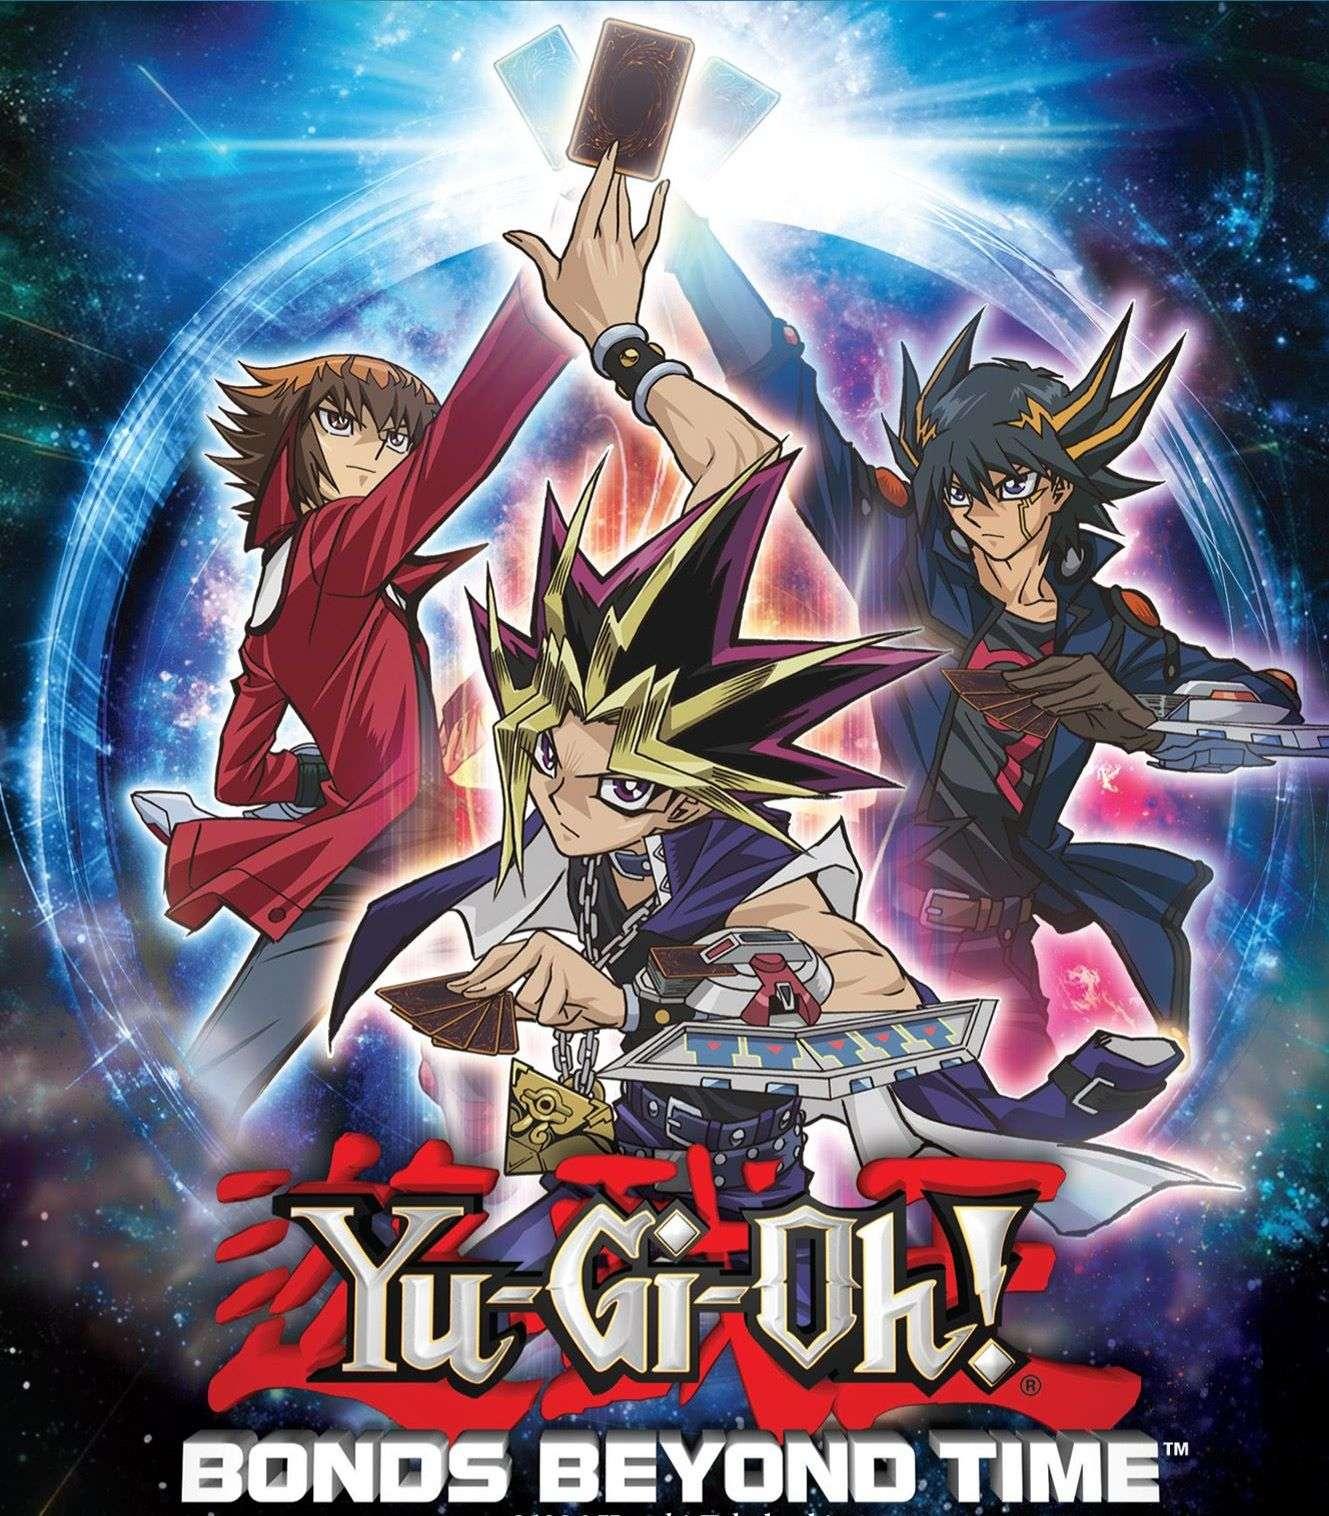 Yu-Gi-Oh! Bonds Beyond Time (2010)